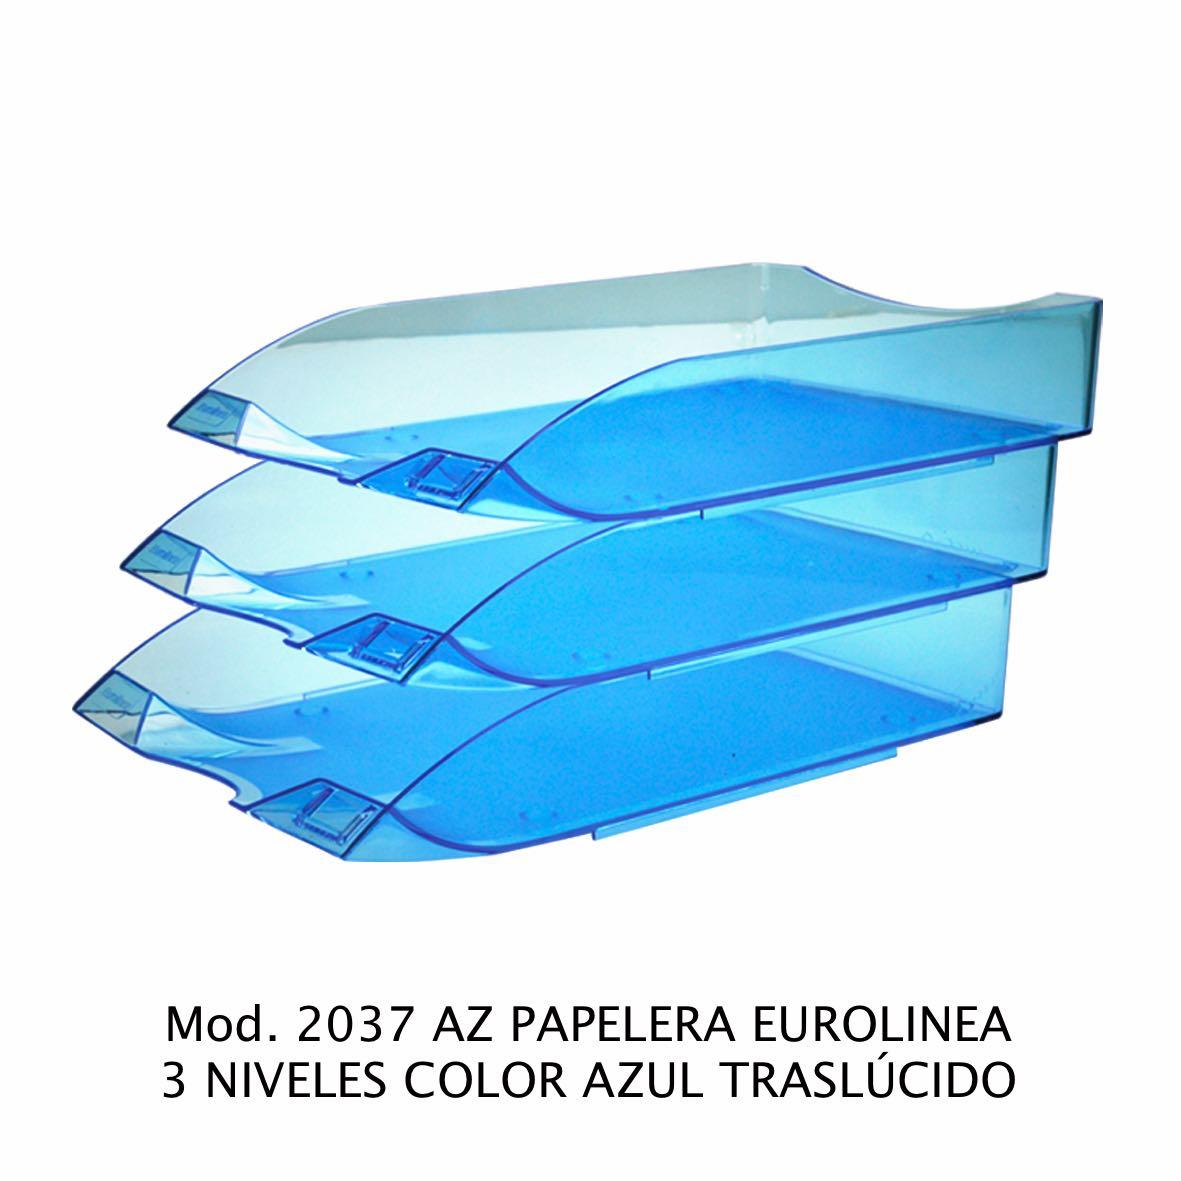 Charola de escritorio tamaño oficio de 3 niveles color azul traslúcido Eurolínea Modelo 2037 AZ - Sablón